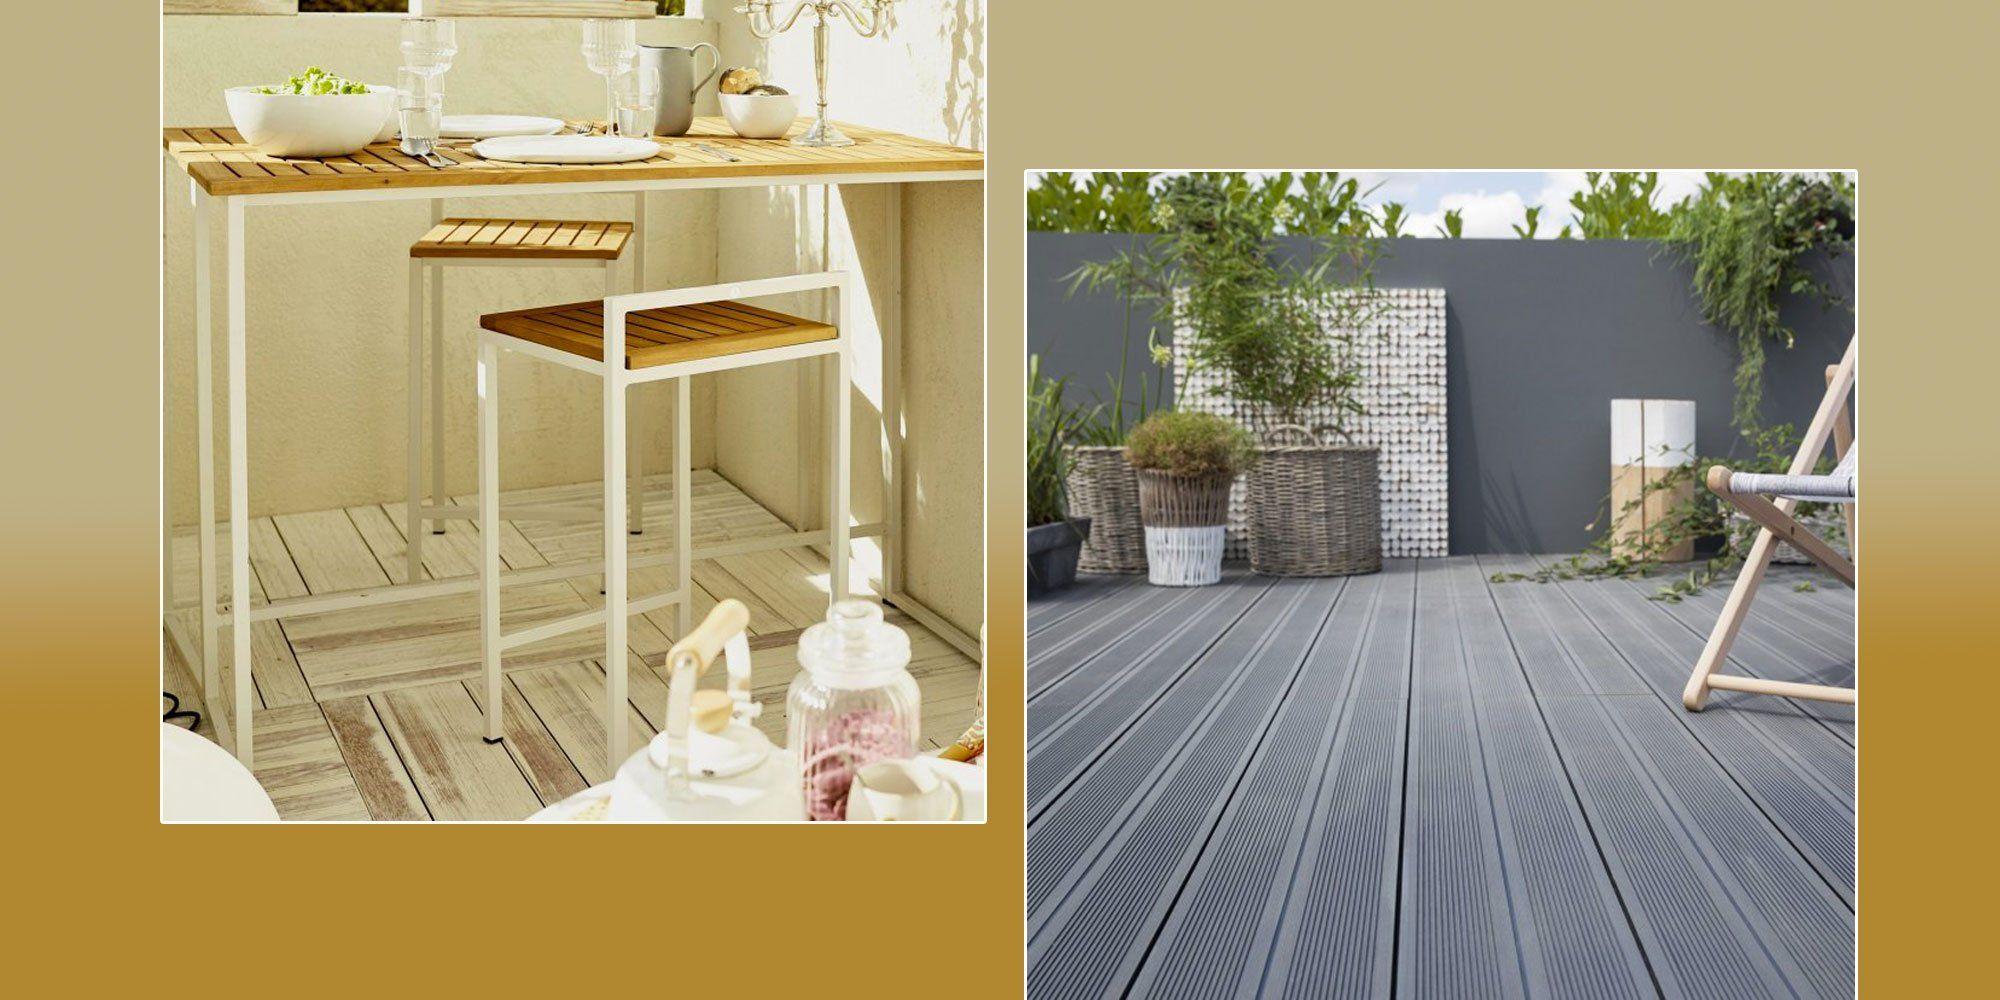 Dalles en bois vs lames en bois : lesquelles choisir pour sa terrasse ?